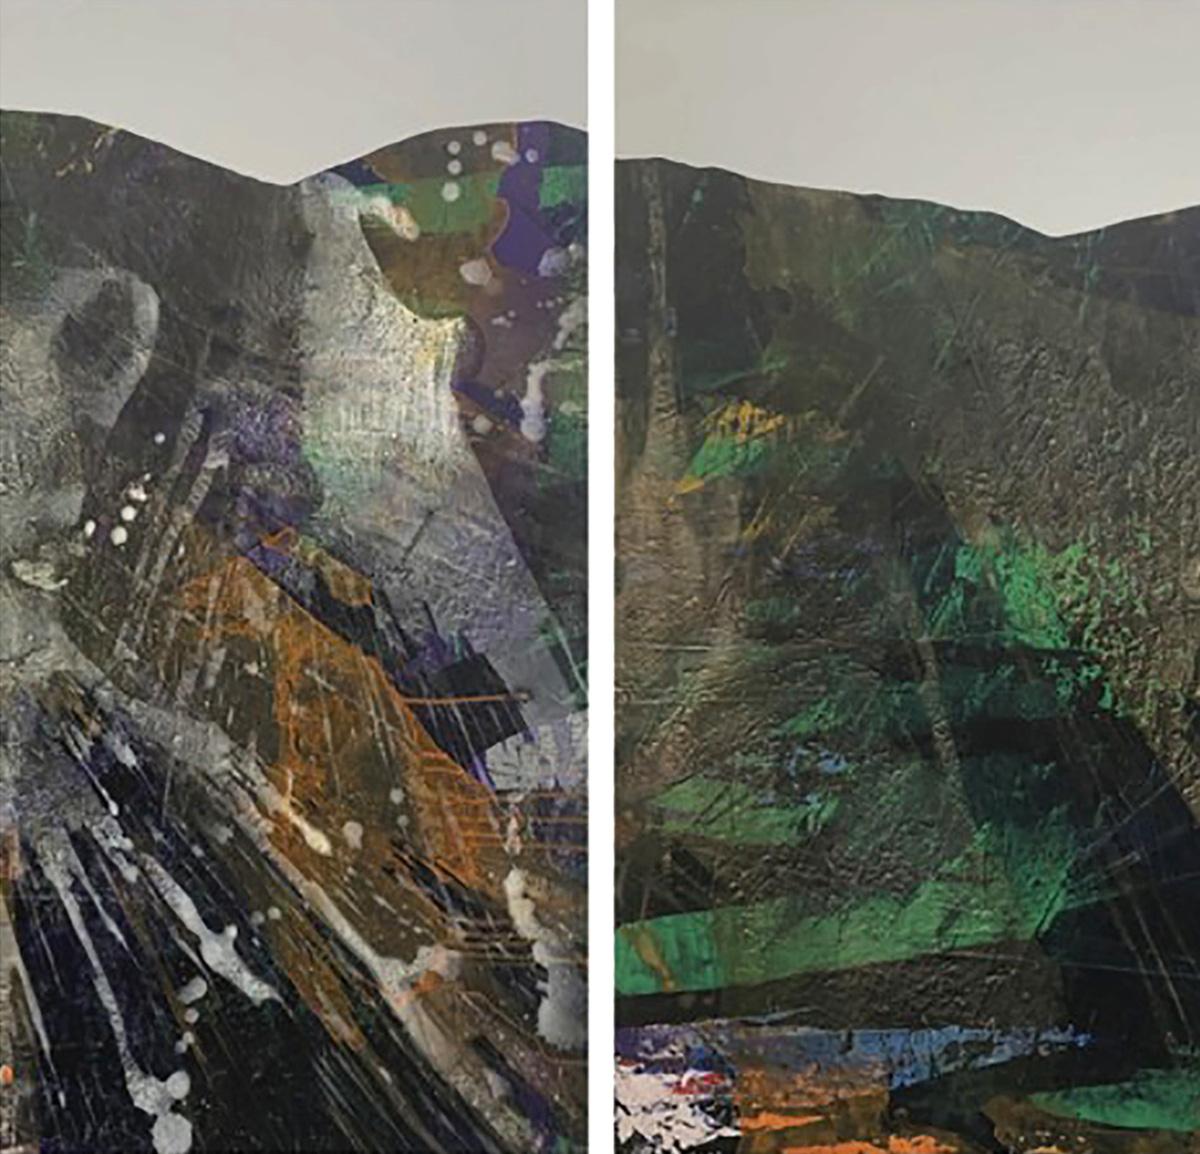 Elfyn Lewis, 'Syrthio Mewn Caariad', acrylic on board